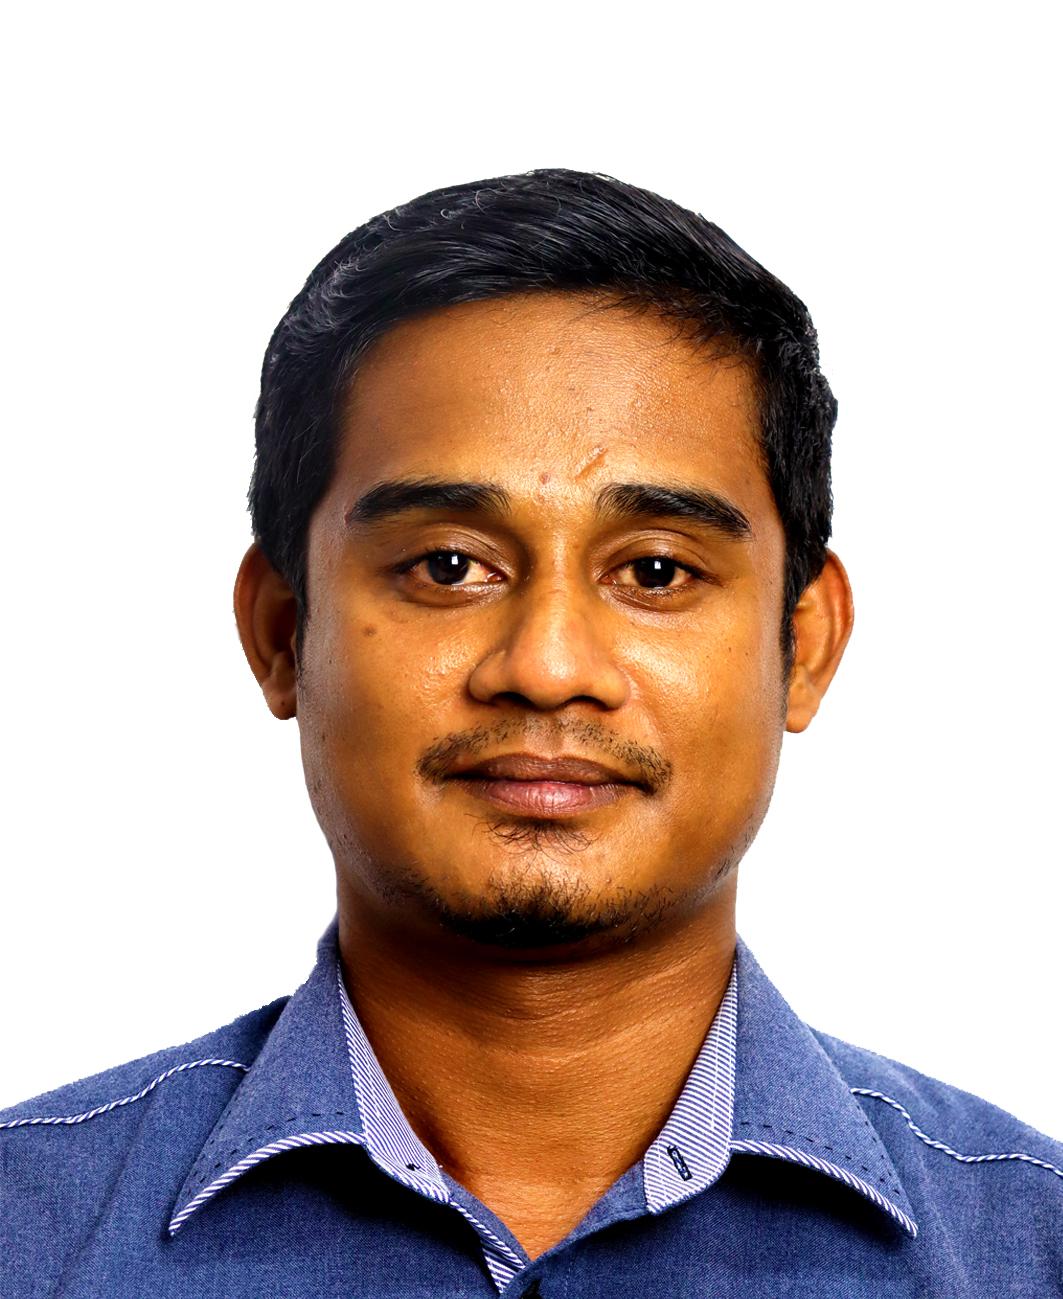 Alameen Bin Abdul Majeed